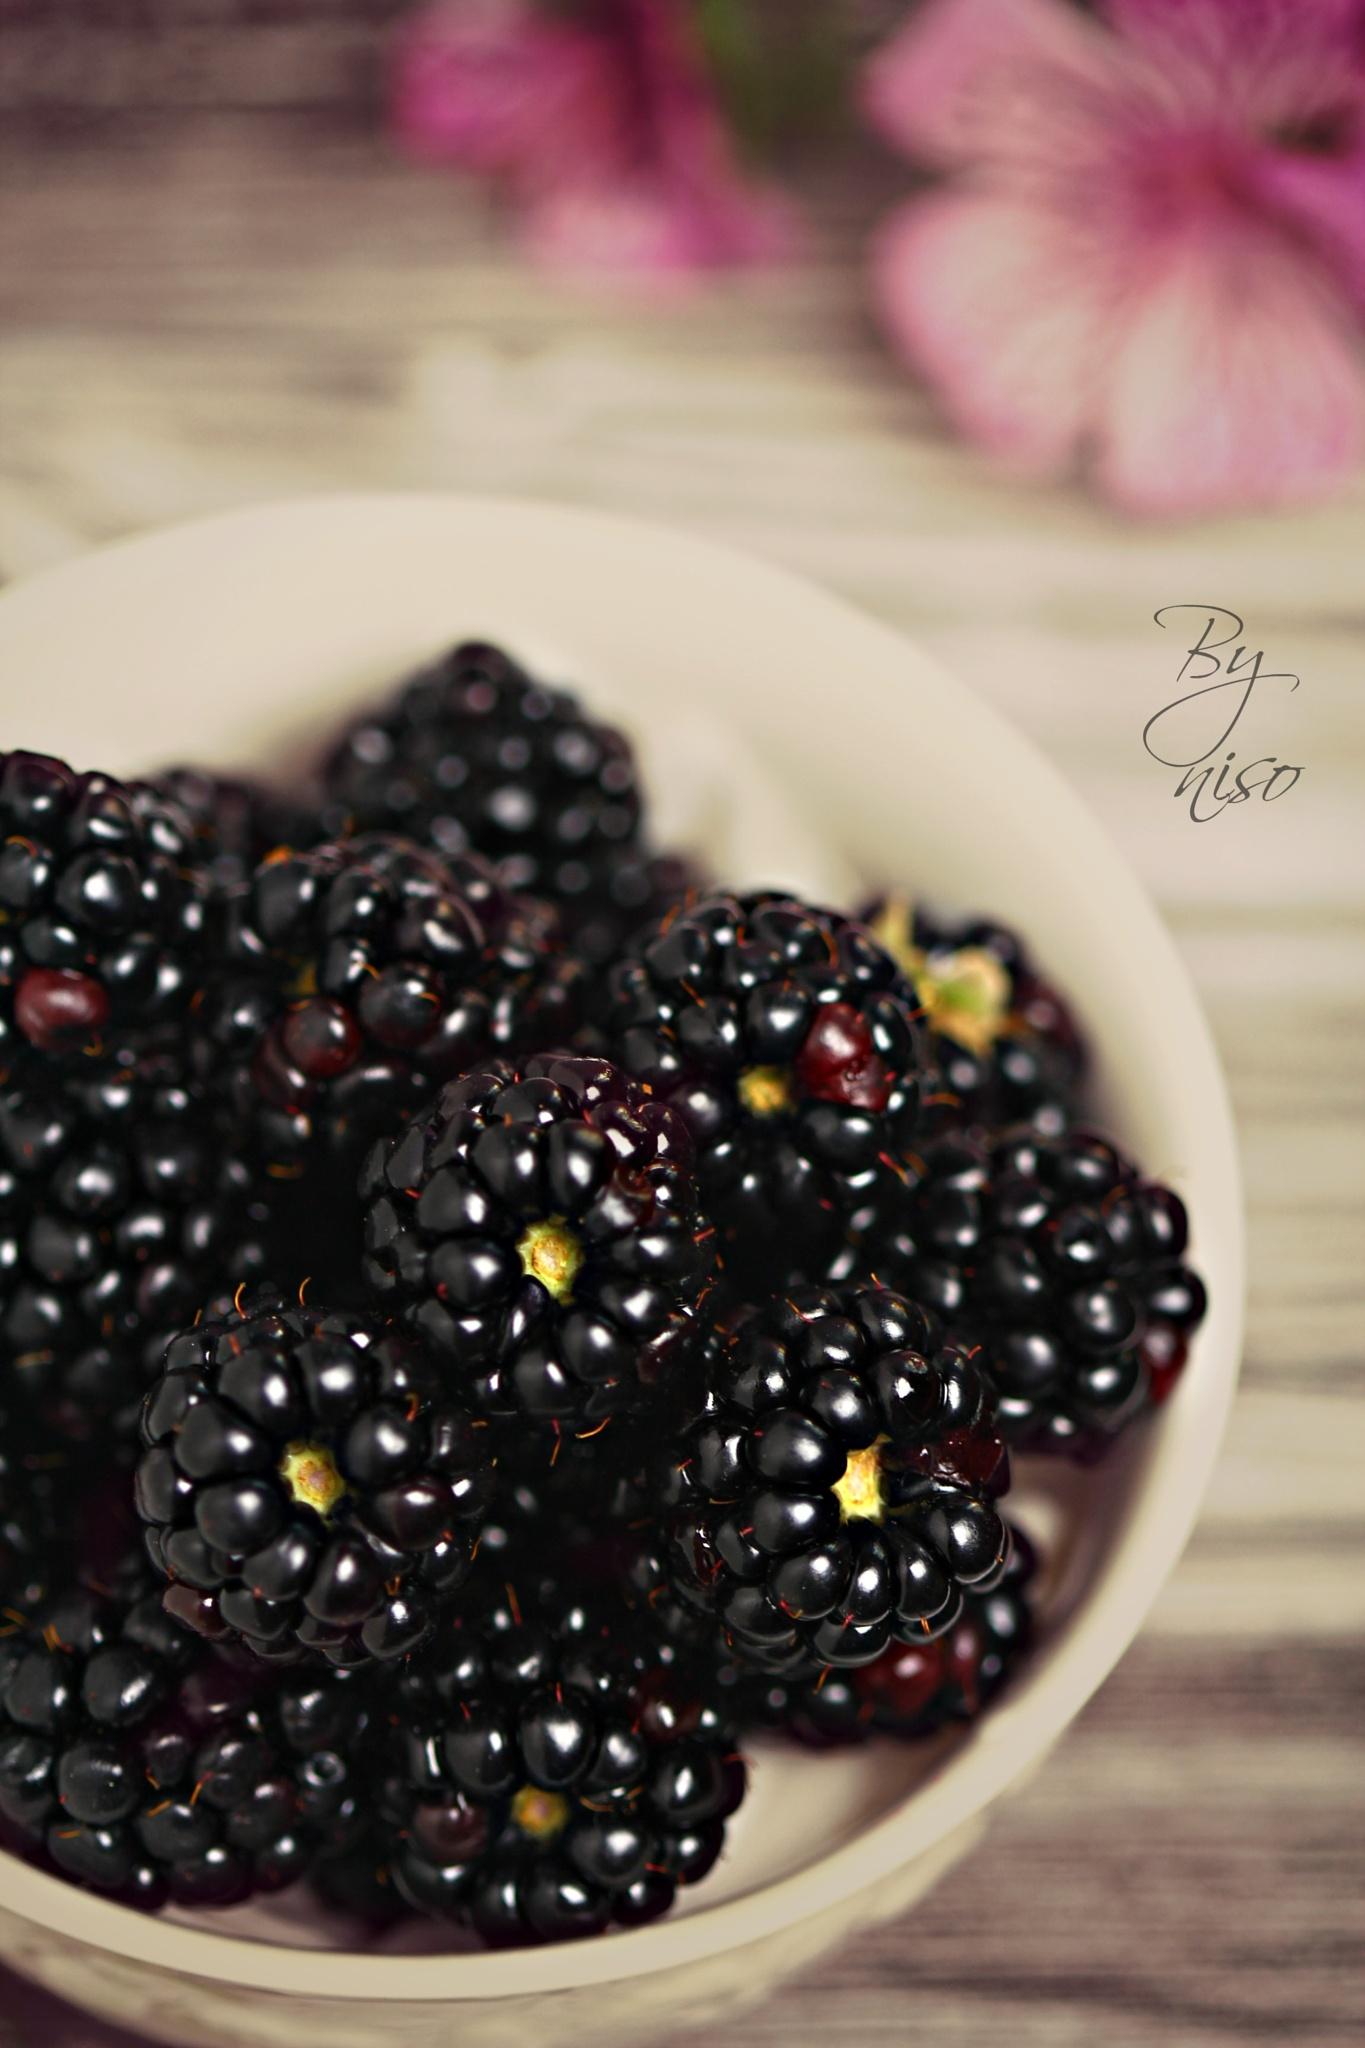 Blackberries by Nisreen Rahhal